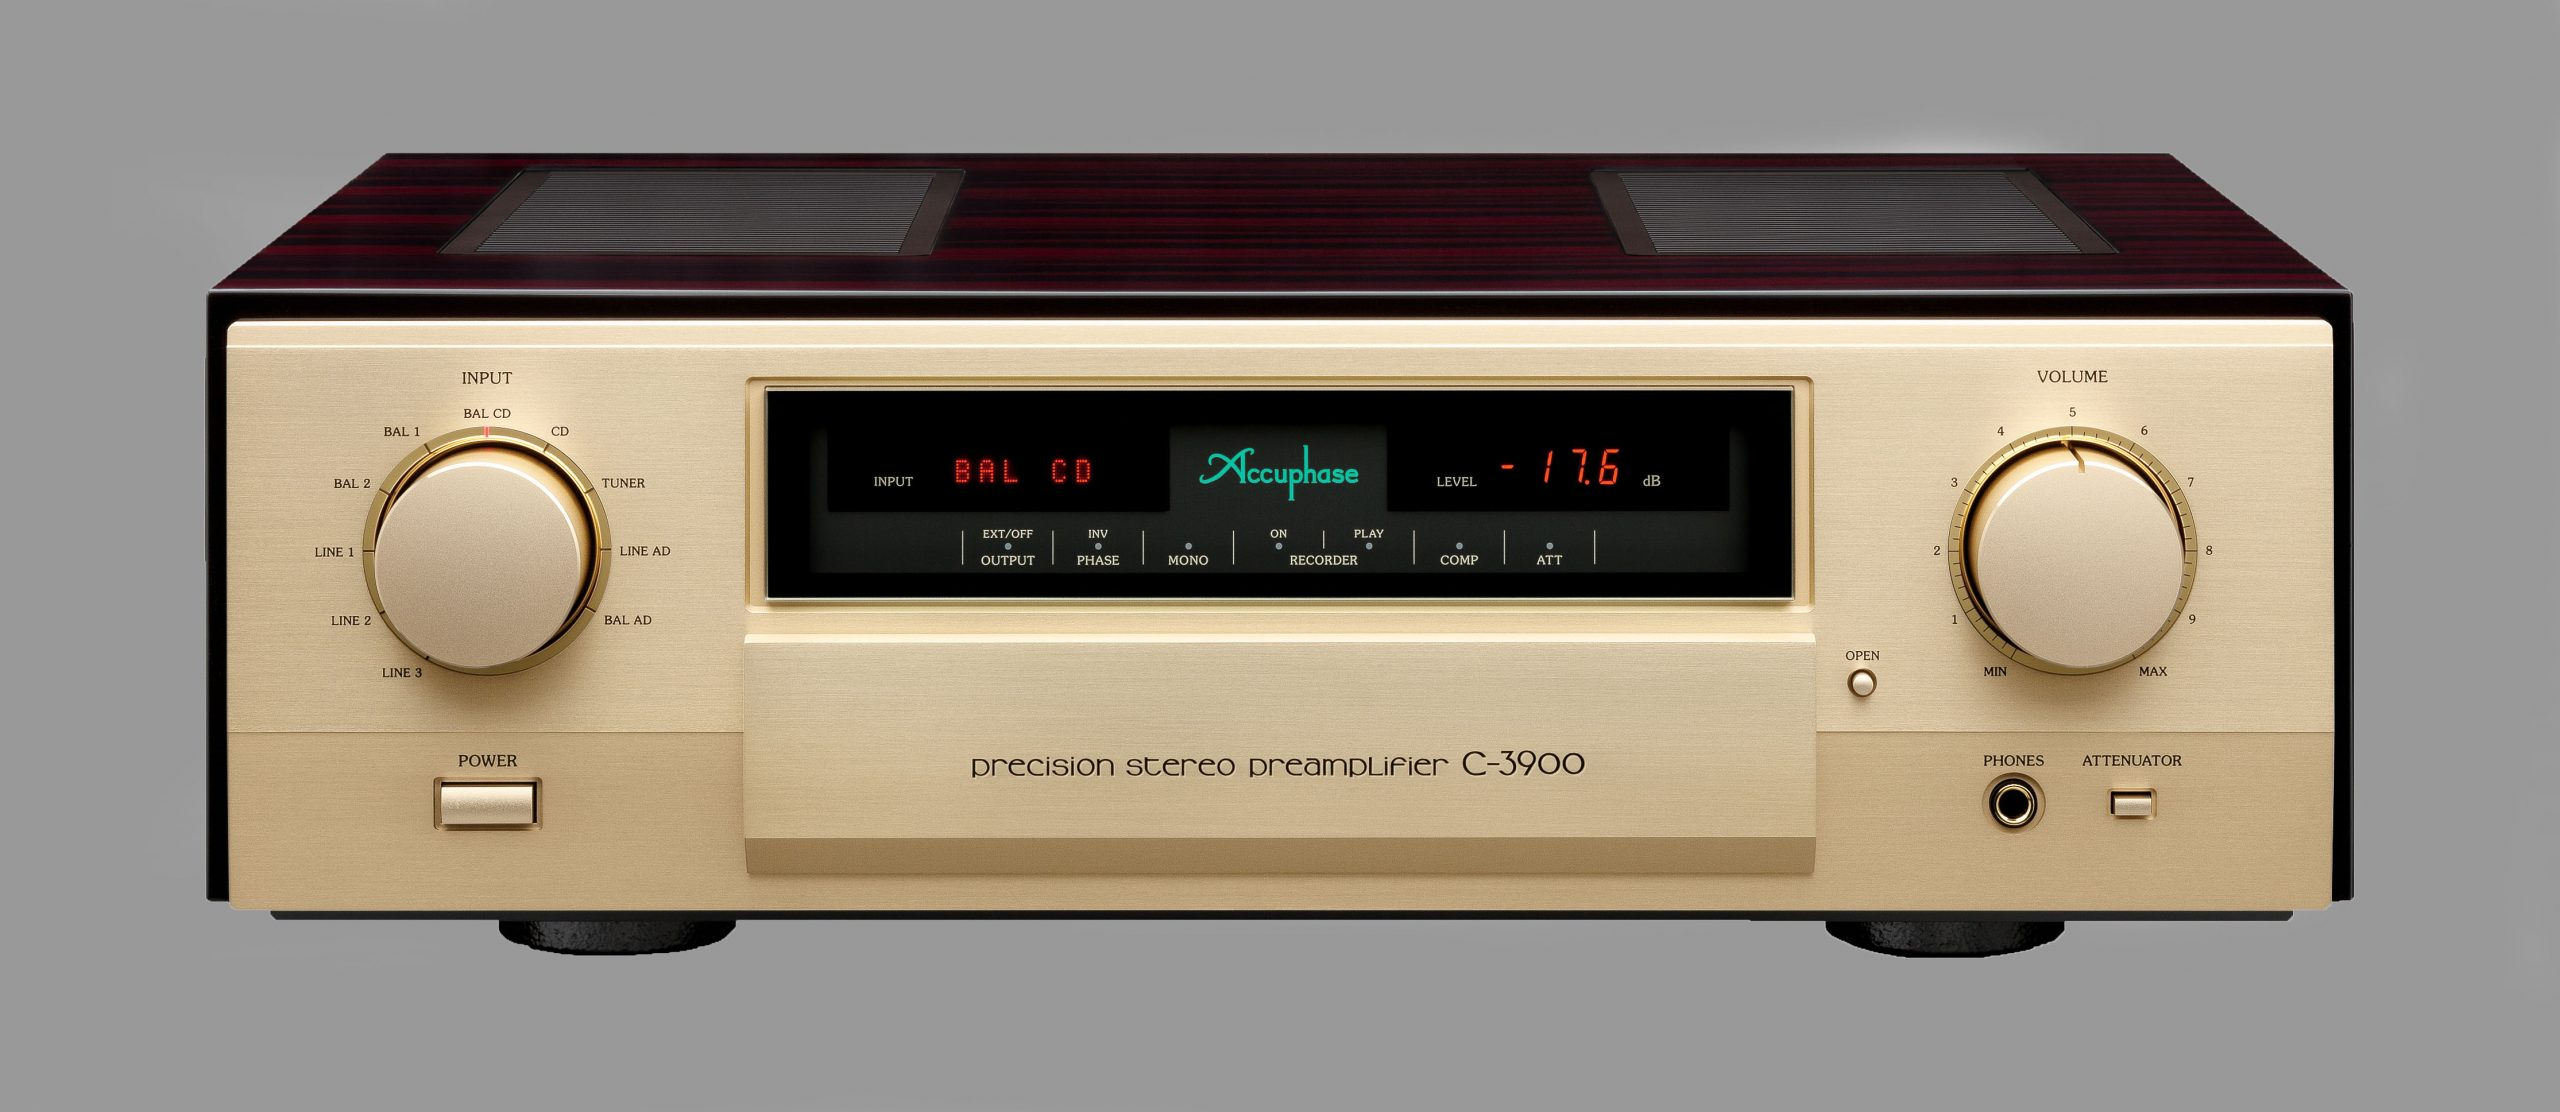 AccuphaseC-3900 Voorversterker